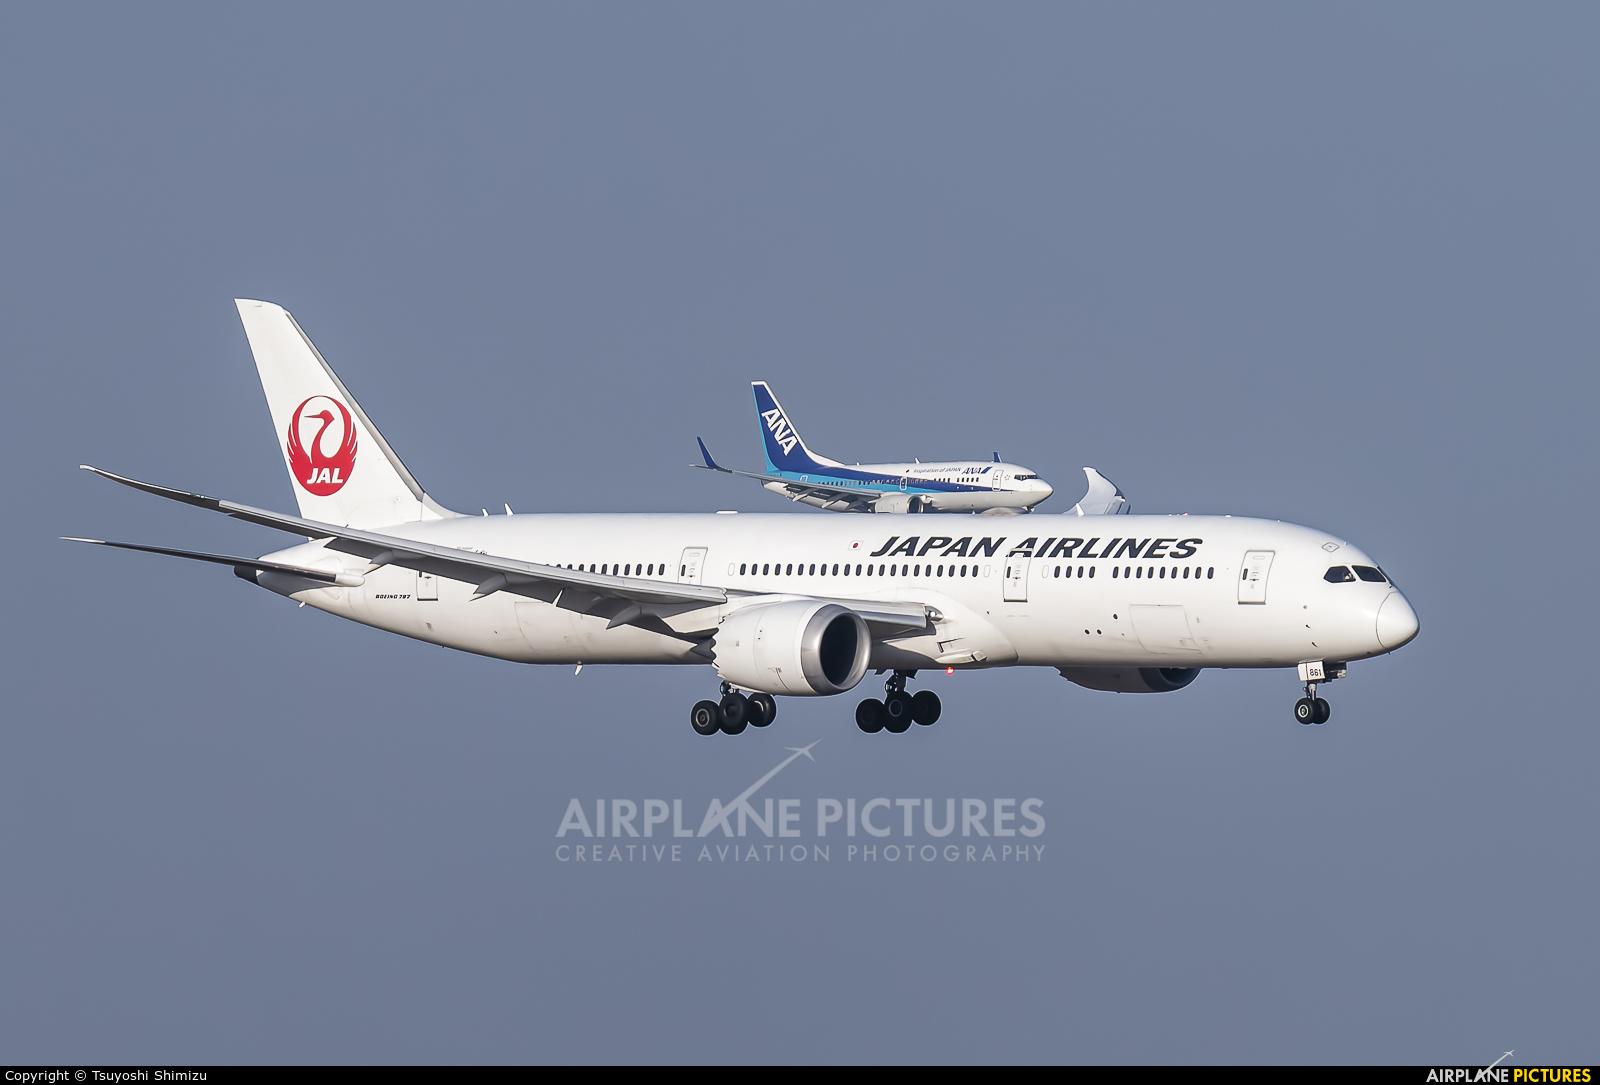 JAL - Japan Airlines JA861J aircraft at Tokyo - Haneda Intl